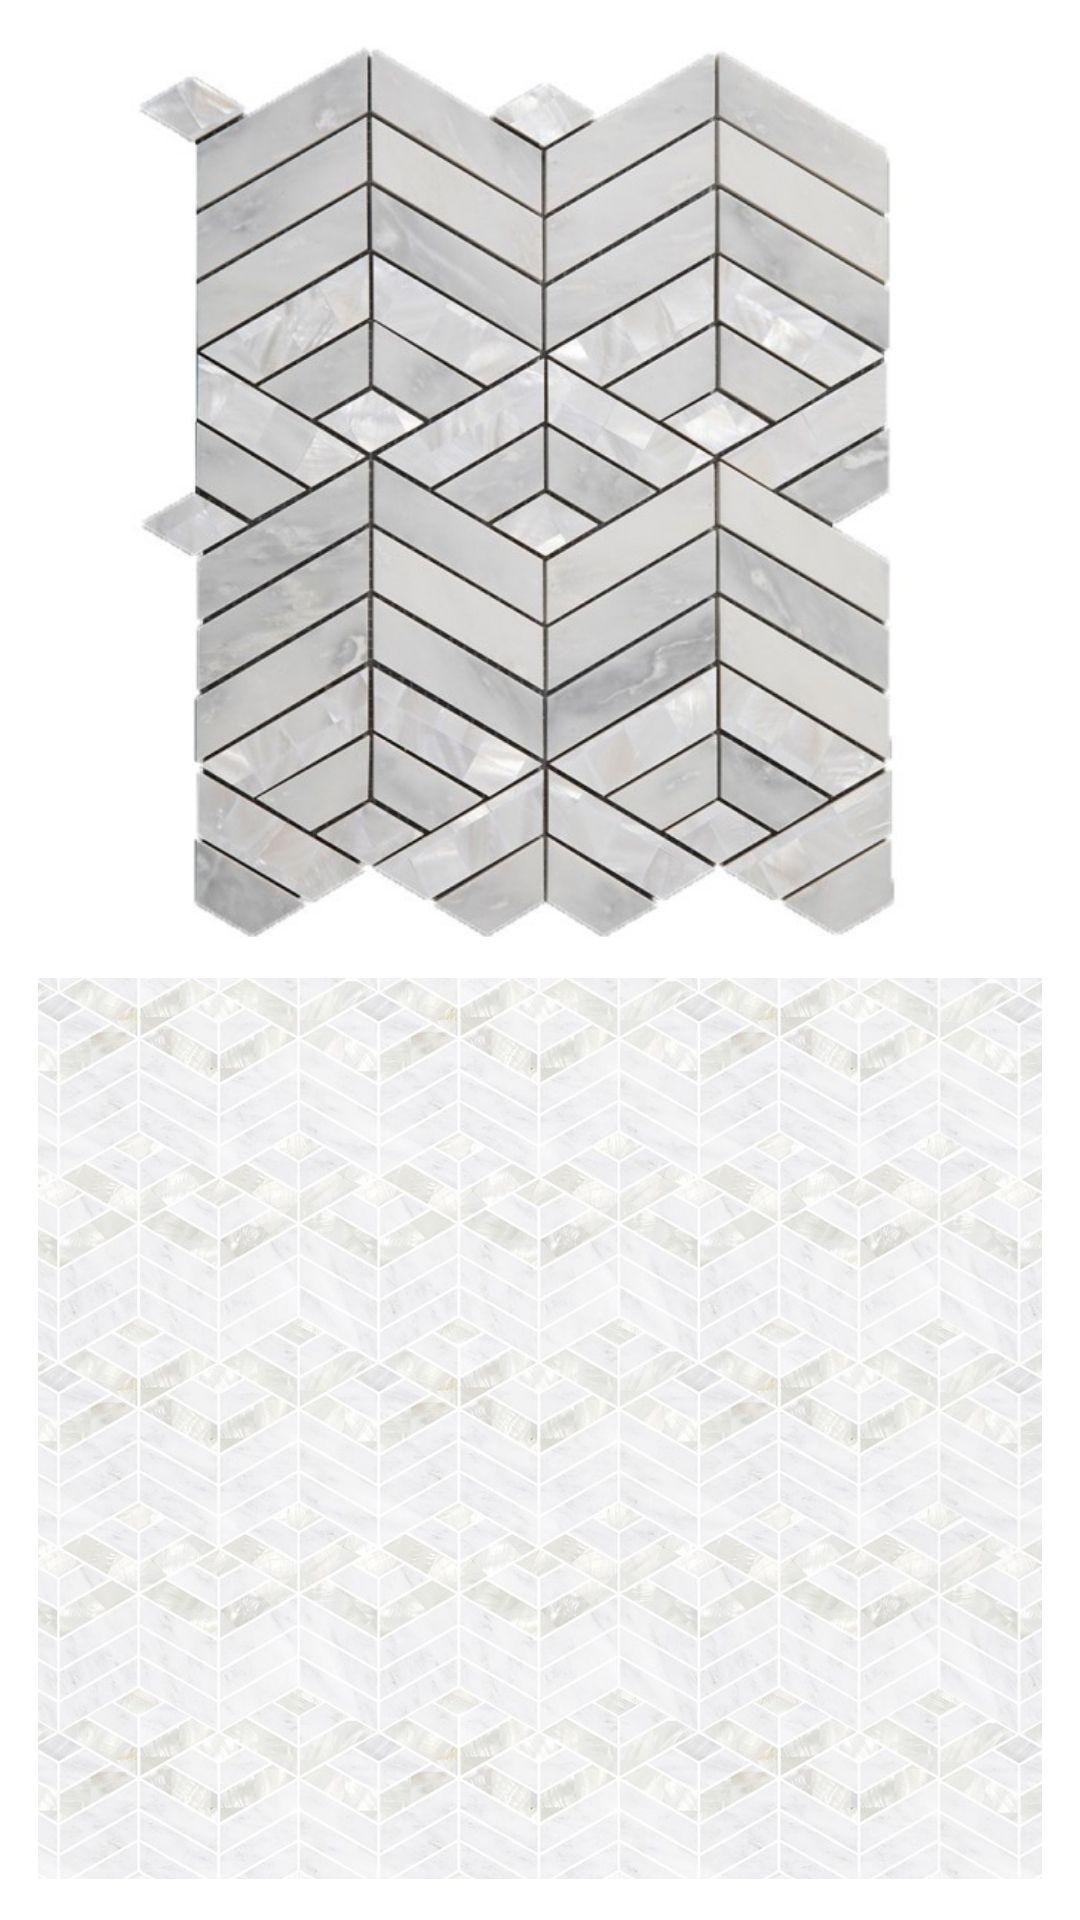 Pin On 2020 Backsplash Tile Trends